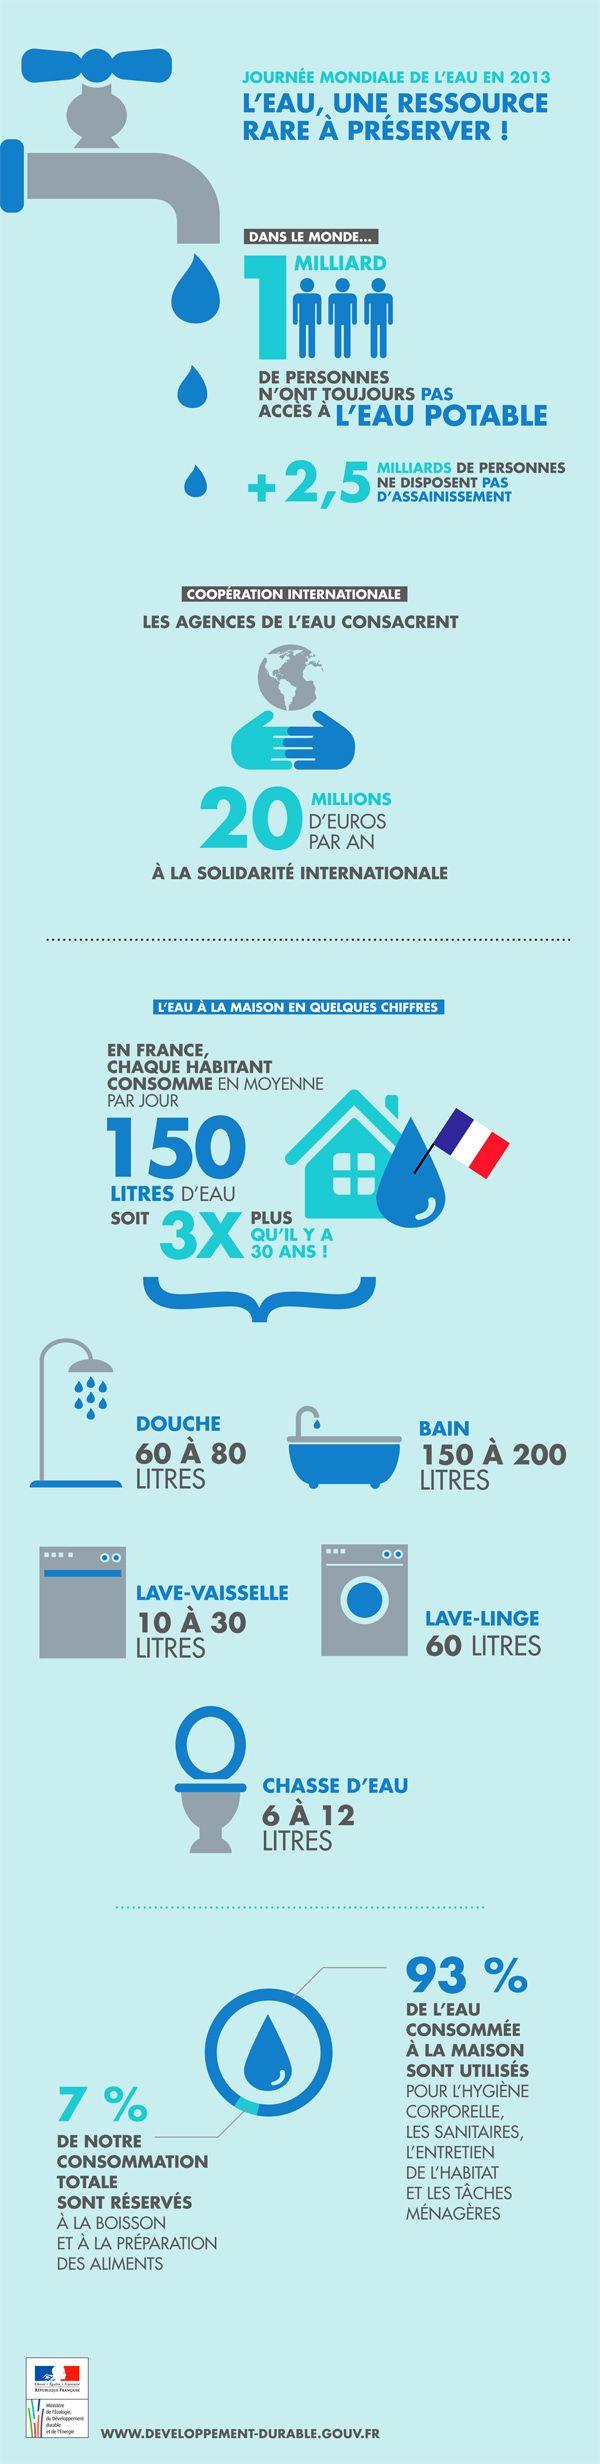 Infographie - journée mondiale de l'eau par le ministère du Développement Durable